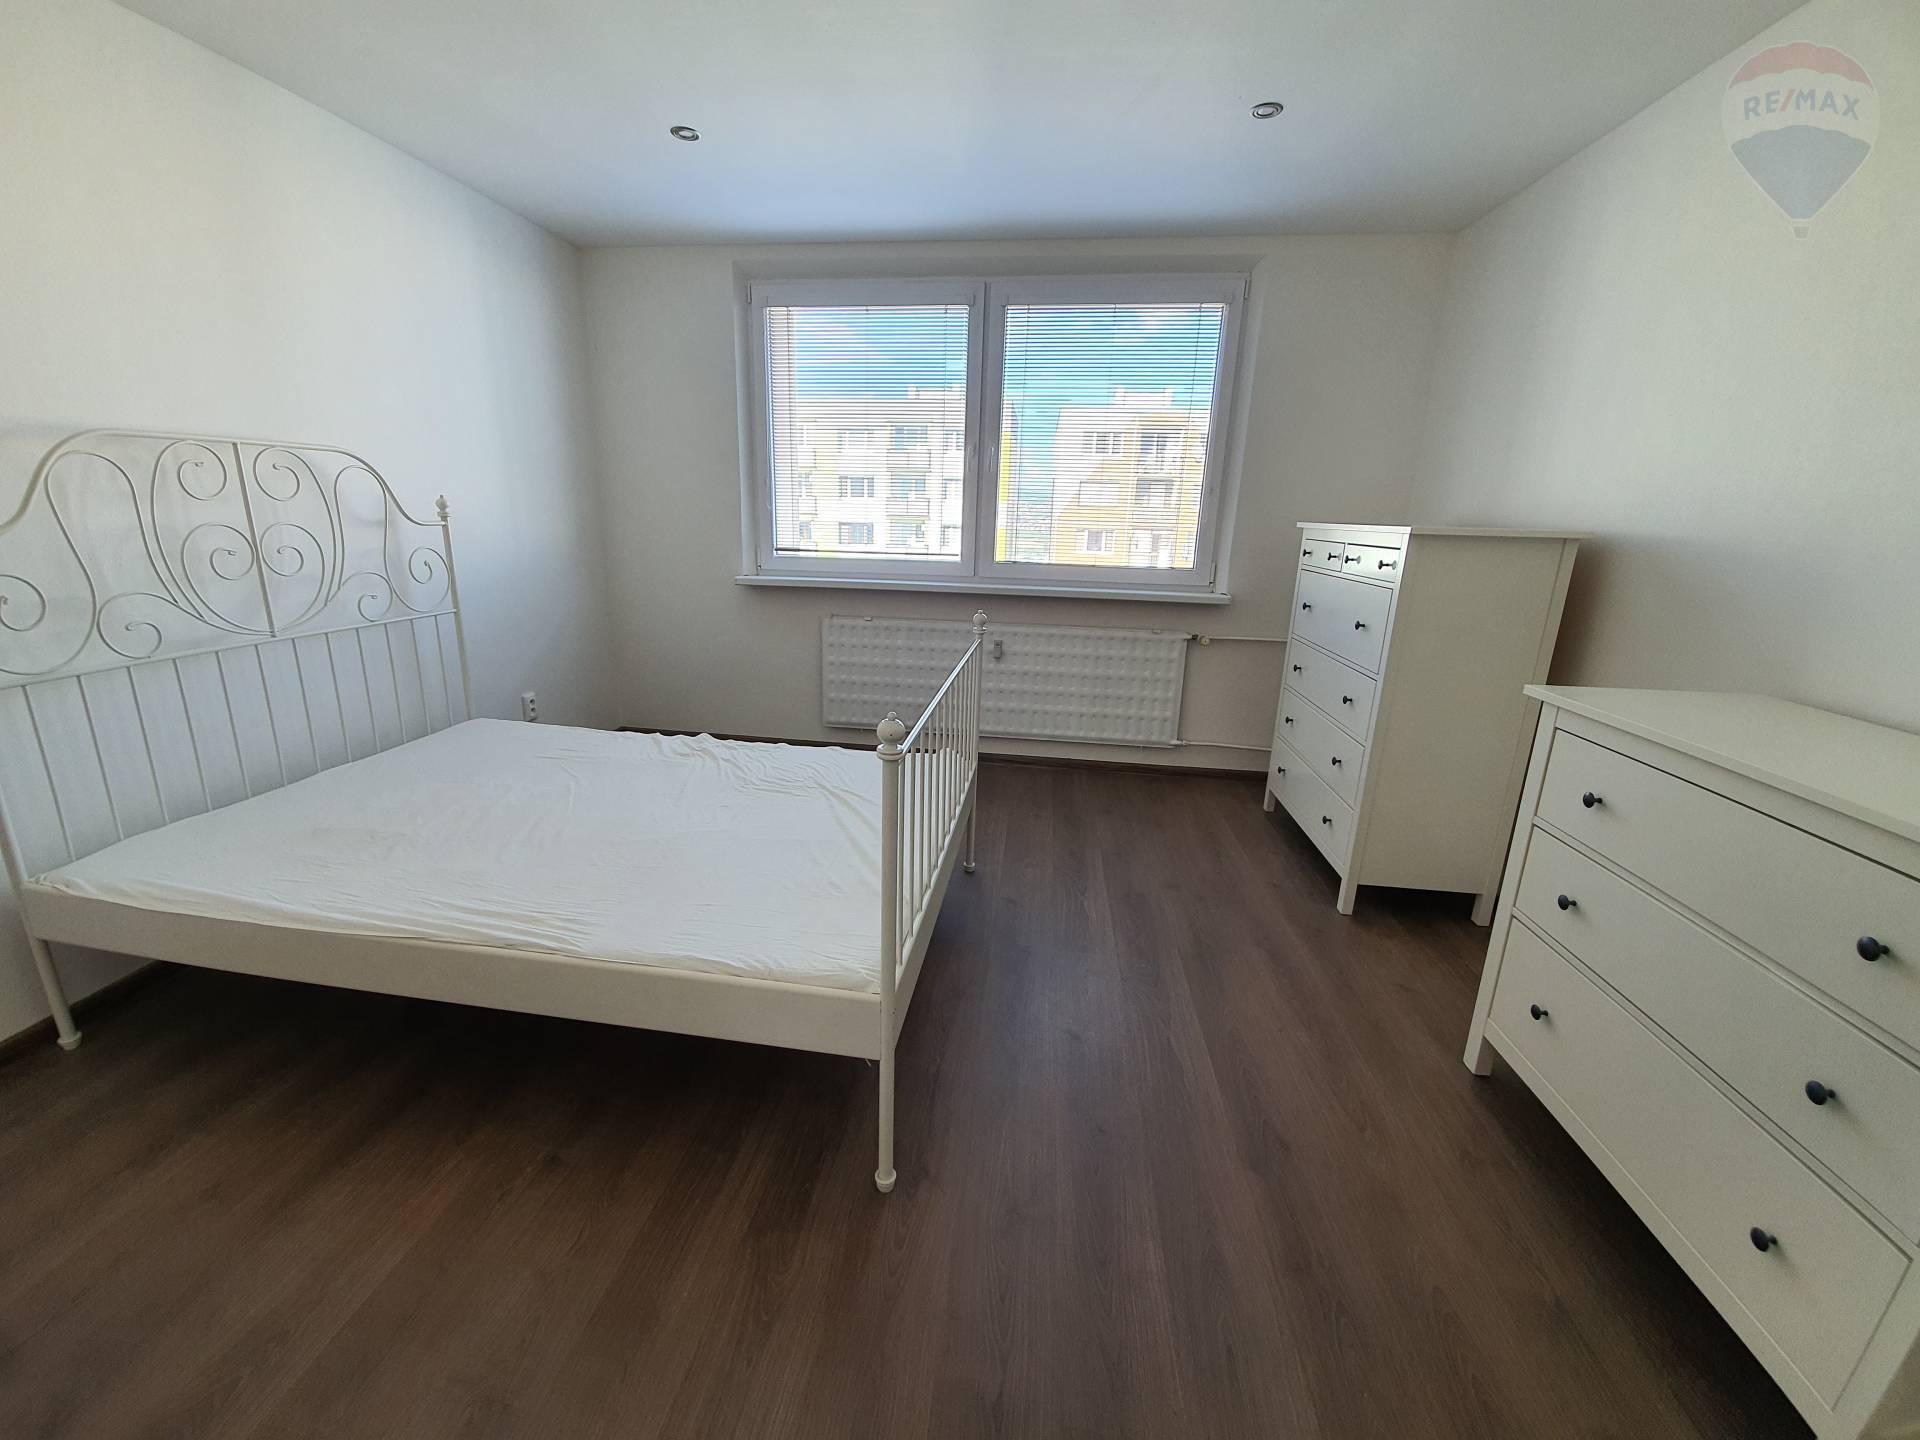 3-izbový byt Nitra – Murániho, ihneď voľný